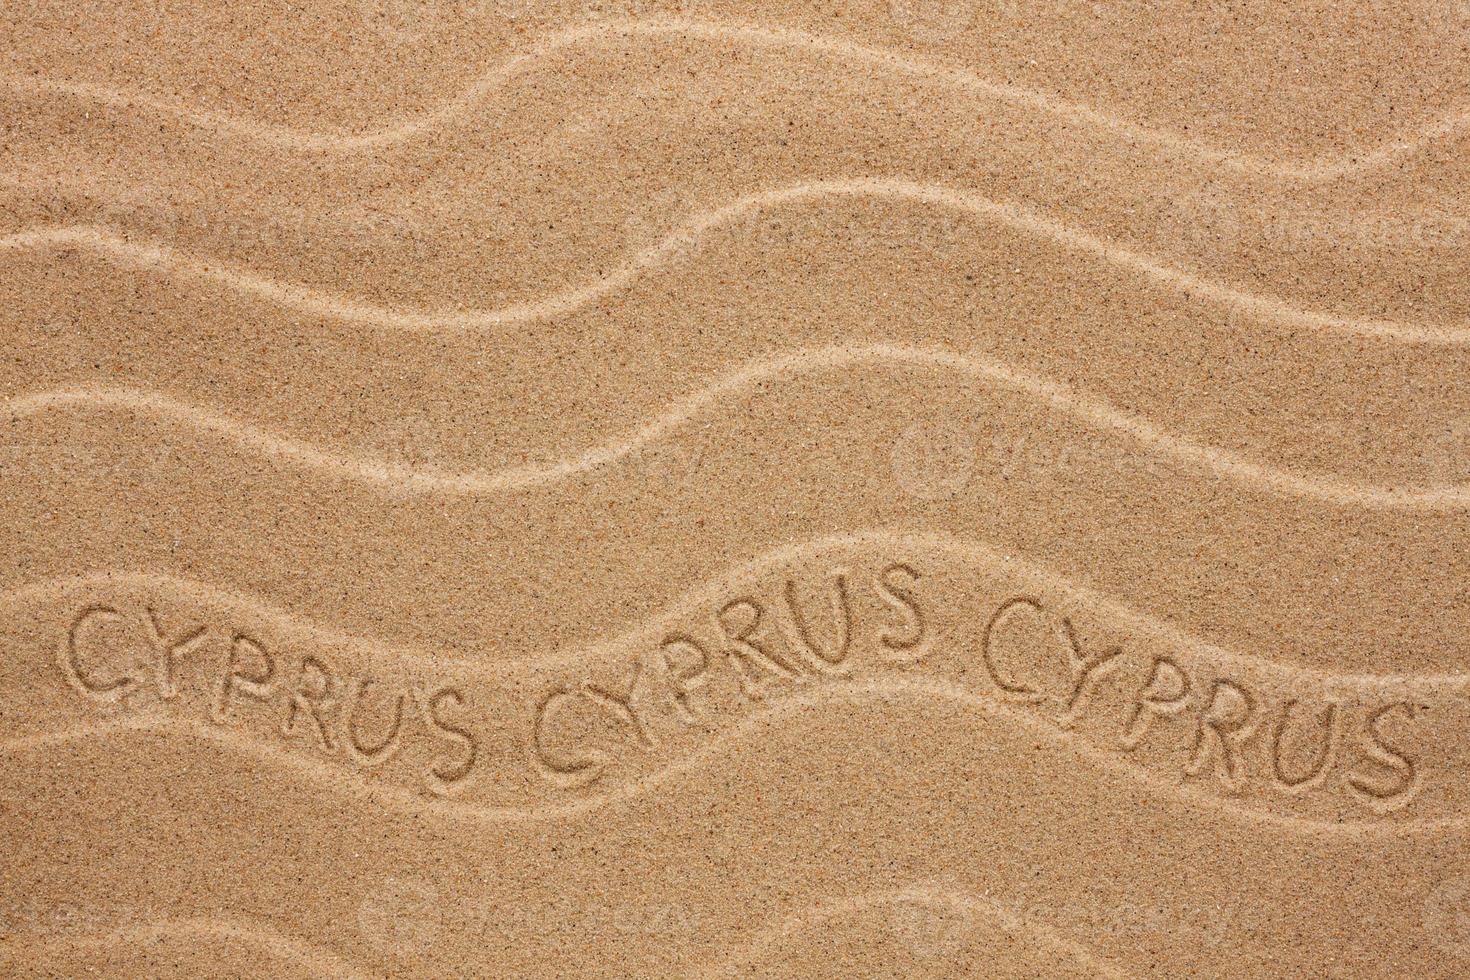 cyprus inscriptie op het golvende zand foto